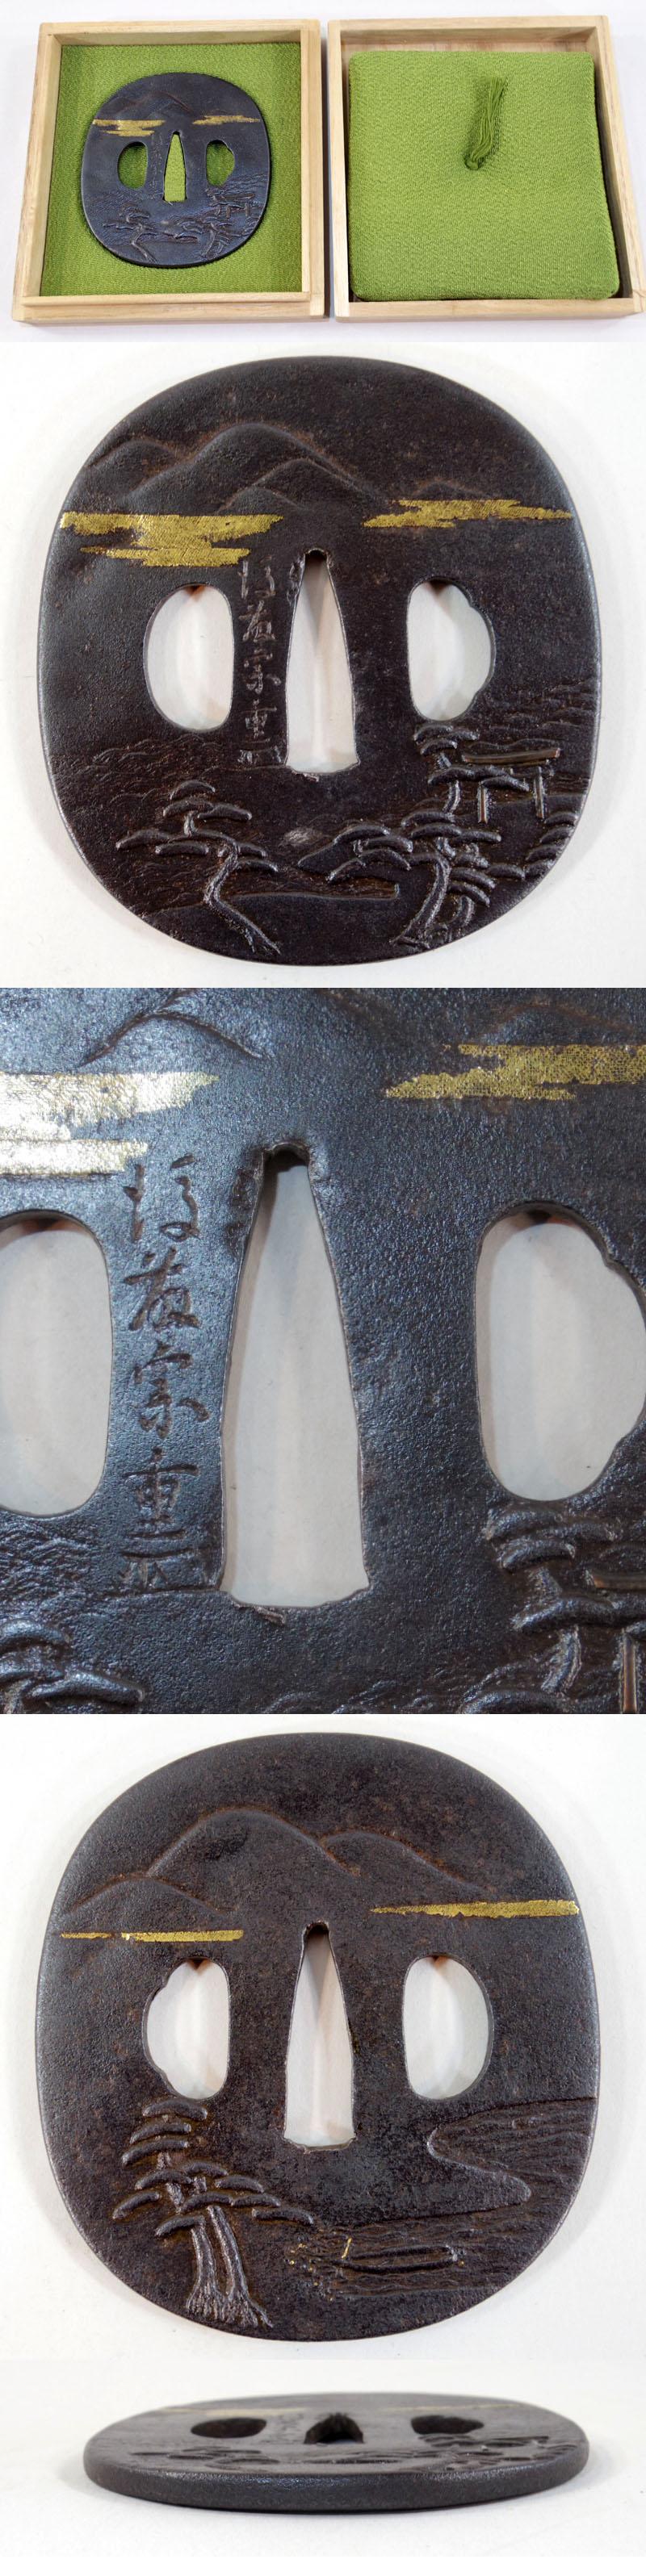 住吉図鍔 後藤宗重(花押) Picture of parts